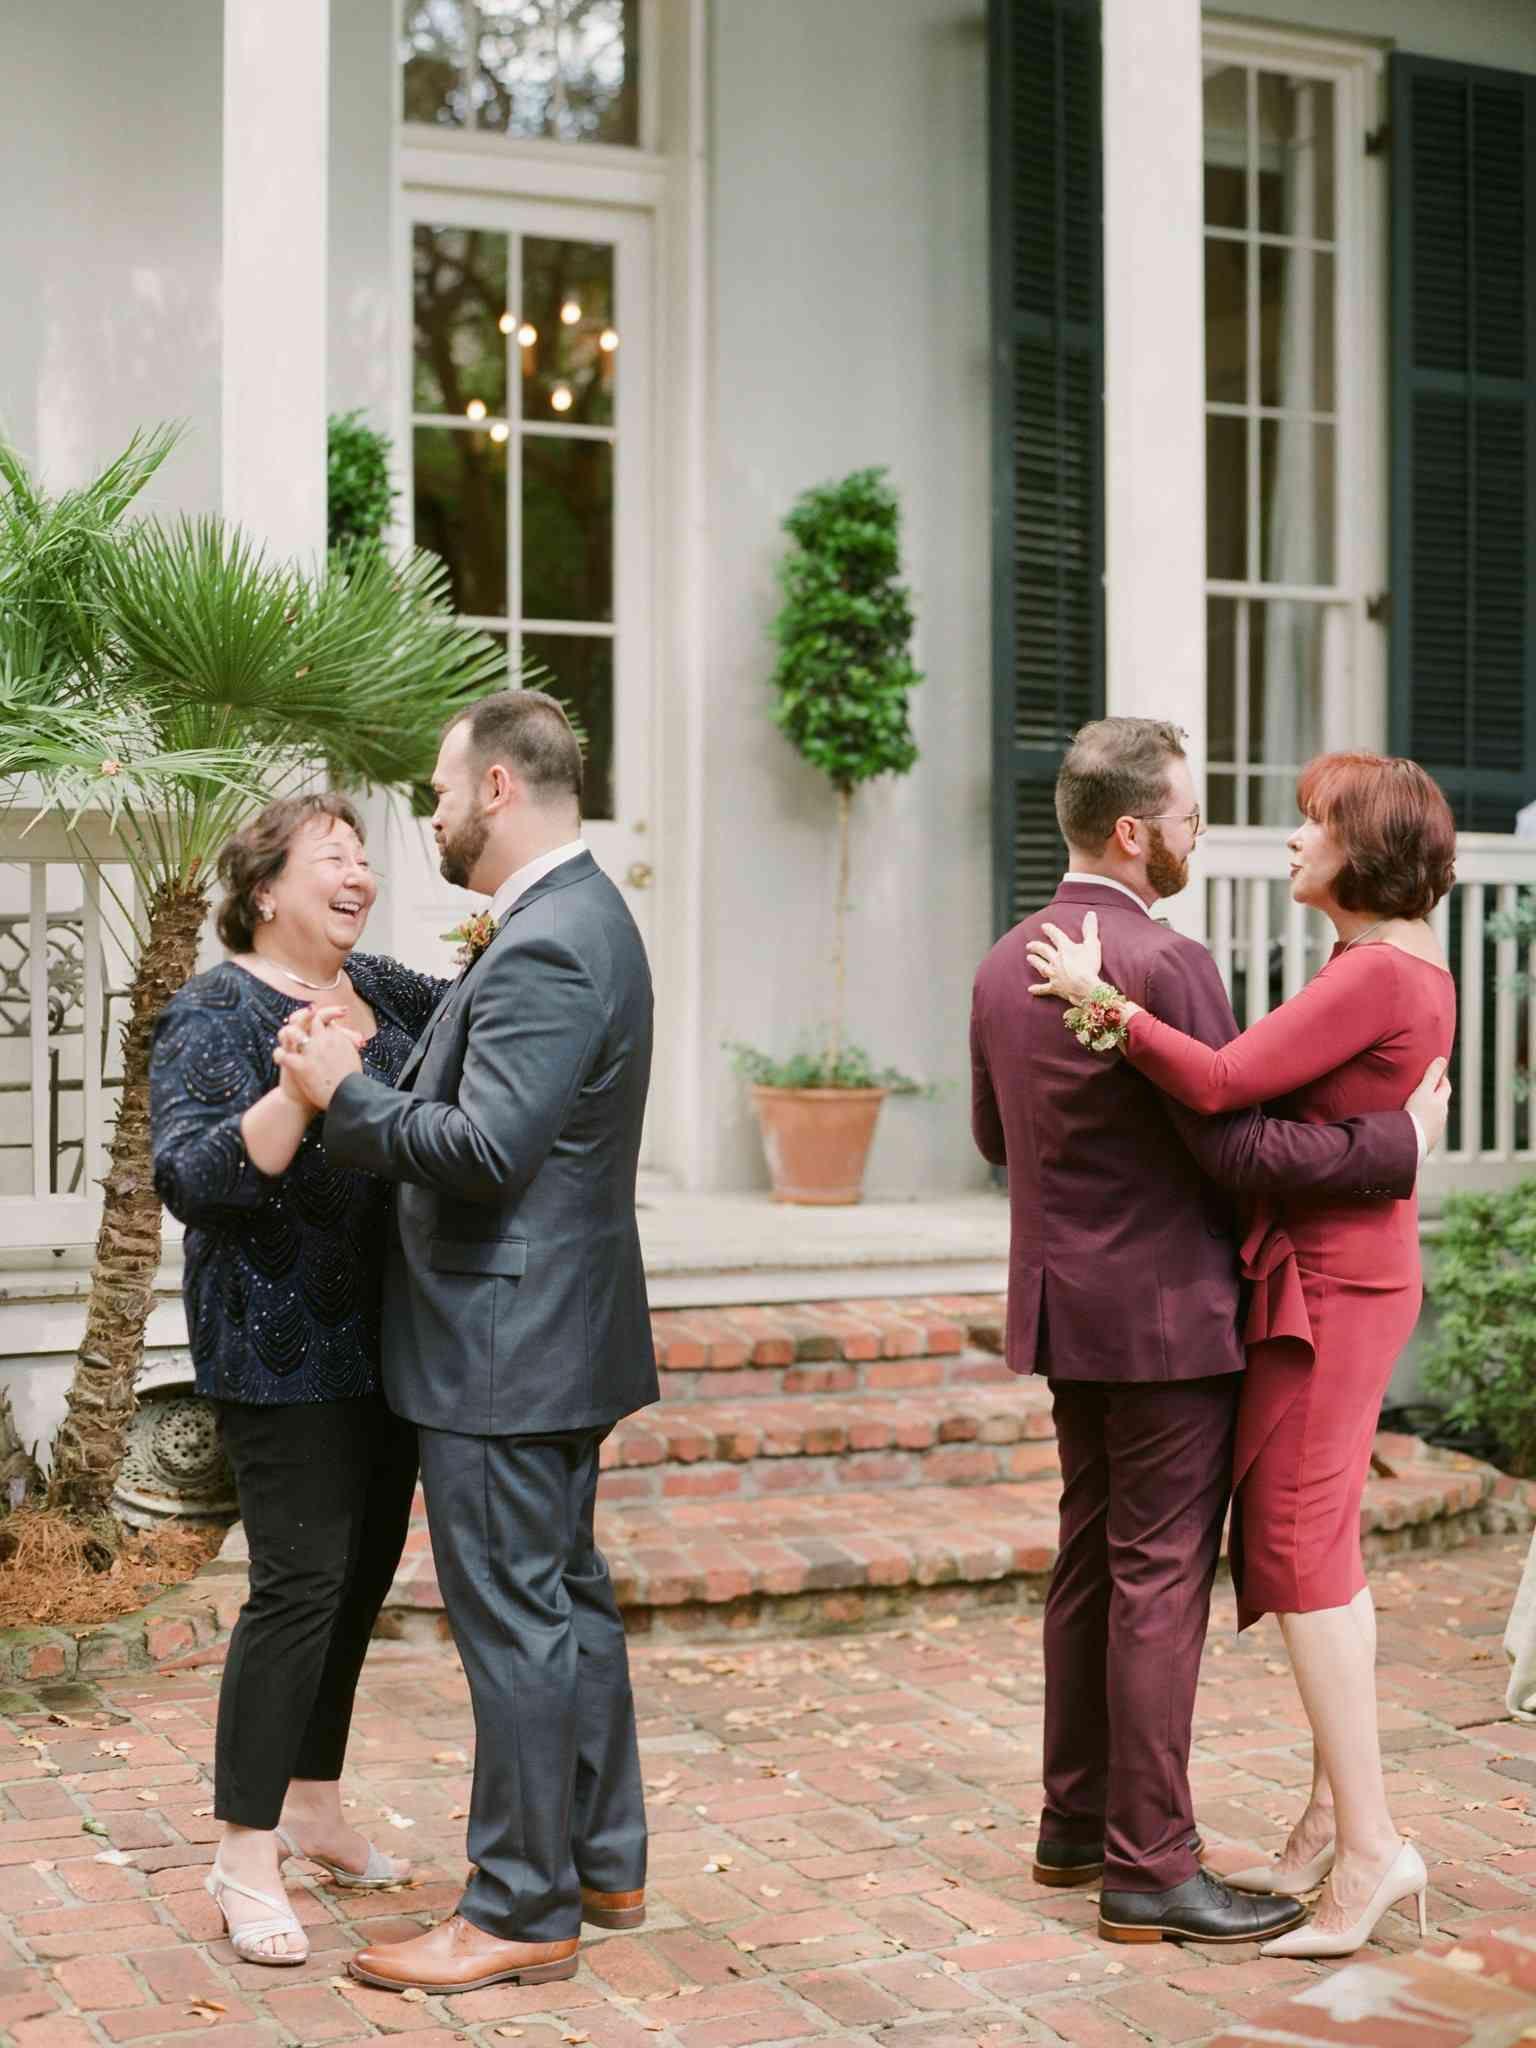 The Mother Dance Garrett And Peter Wedding 19 72e8006c792b4deeb6ef7d49c25a4519